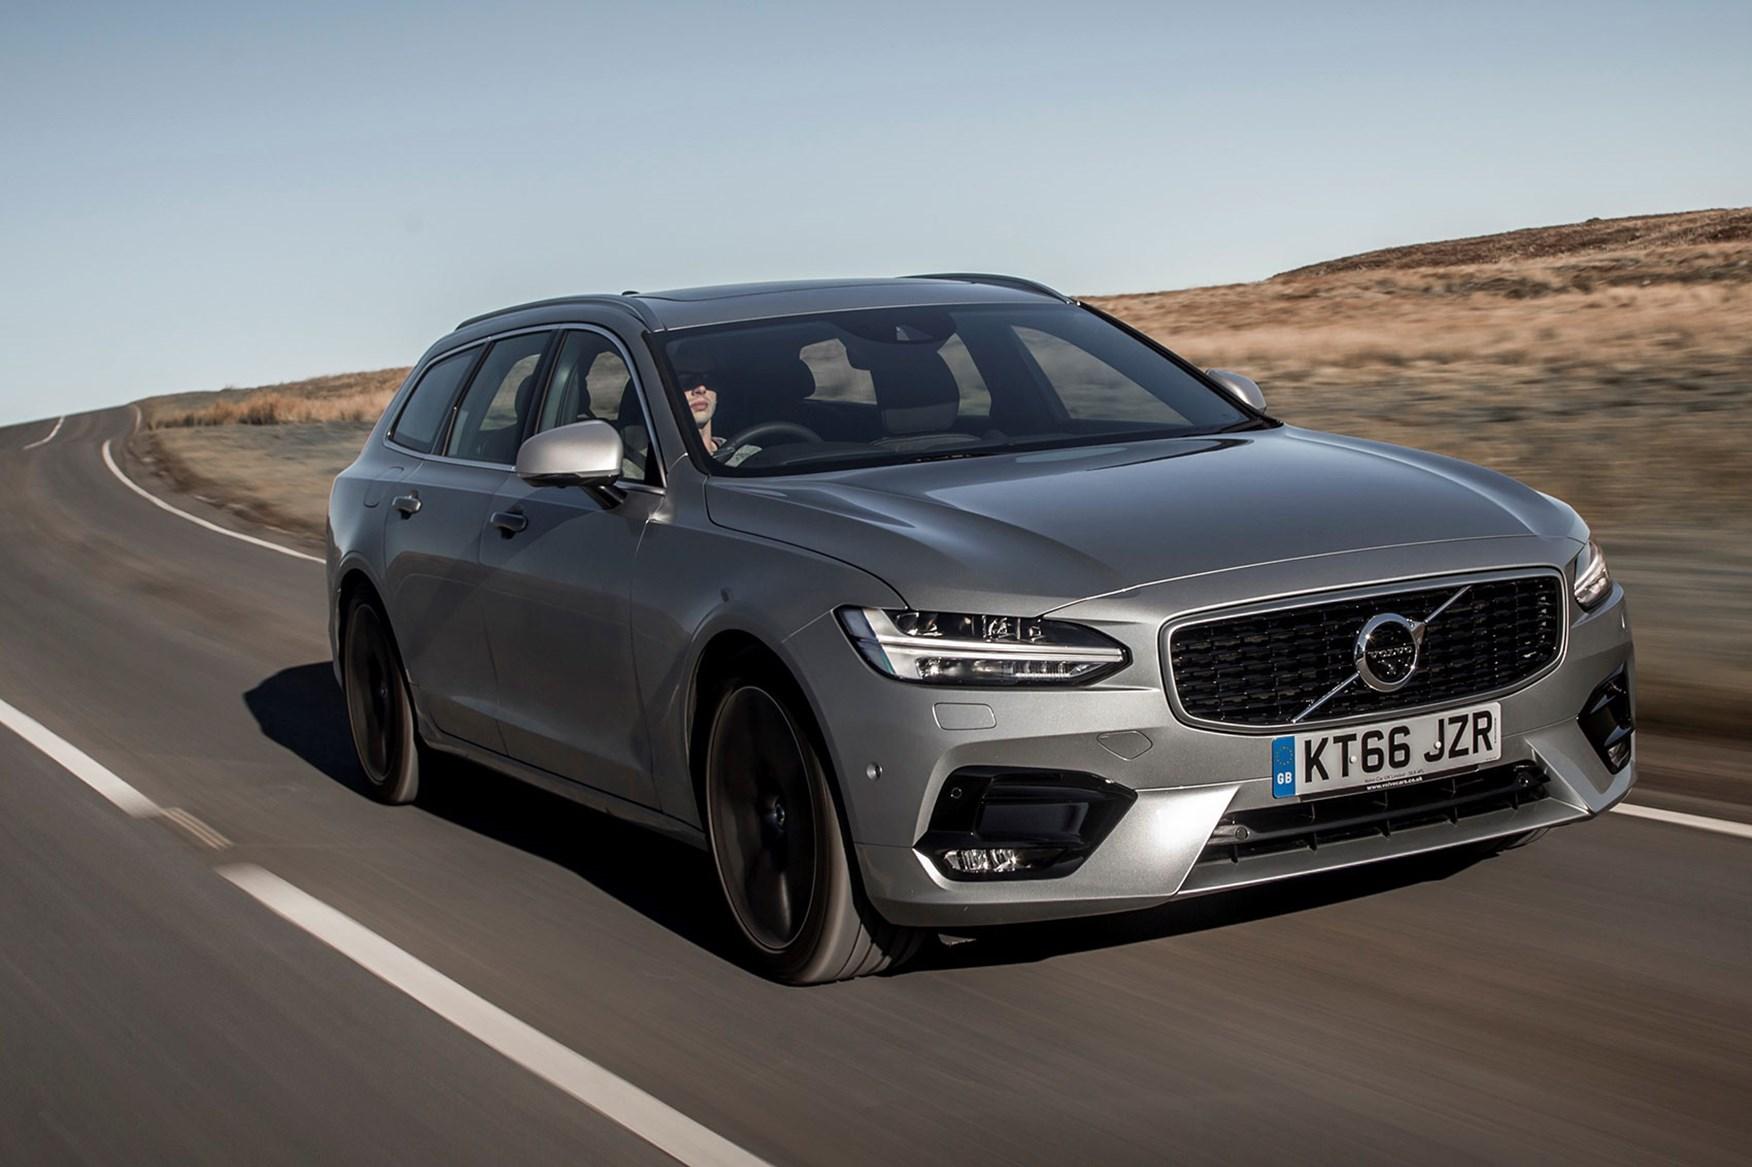 Volvo V90 D5 Powerpulse Awd R Design 2017 Review By Car